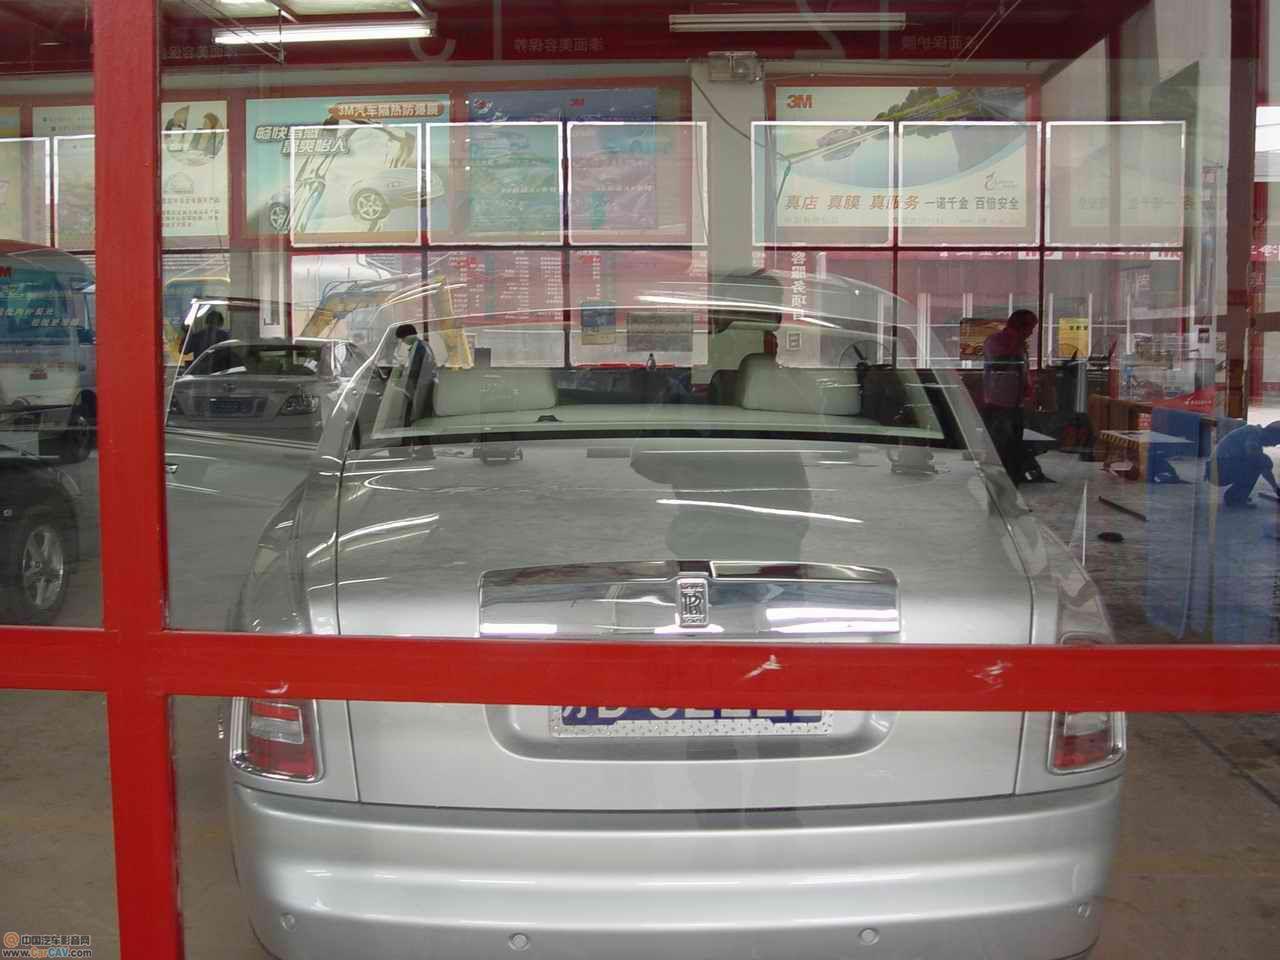 劳斯莱斯 汽车贴膜高清图片